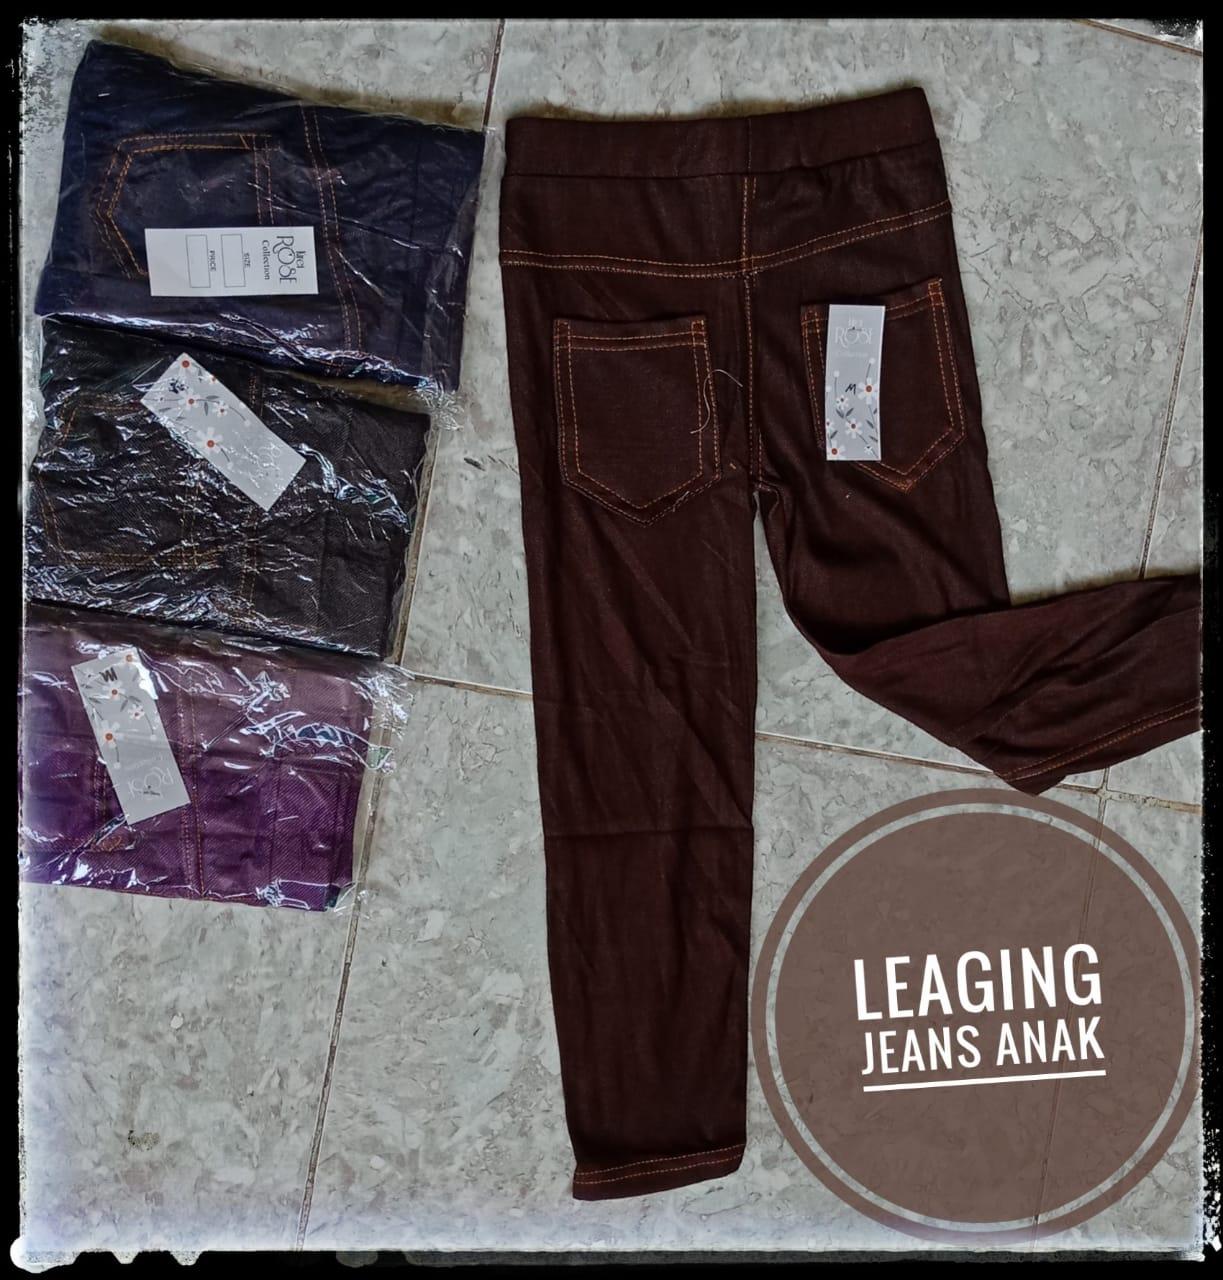 ObralanBaju.com Obral Baju Pakaian Murah Meriah 5000 Leaging Jeanss Anak